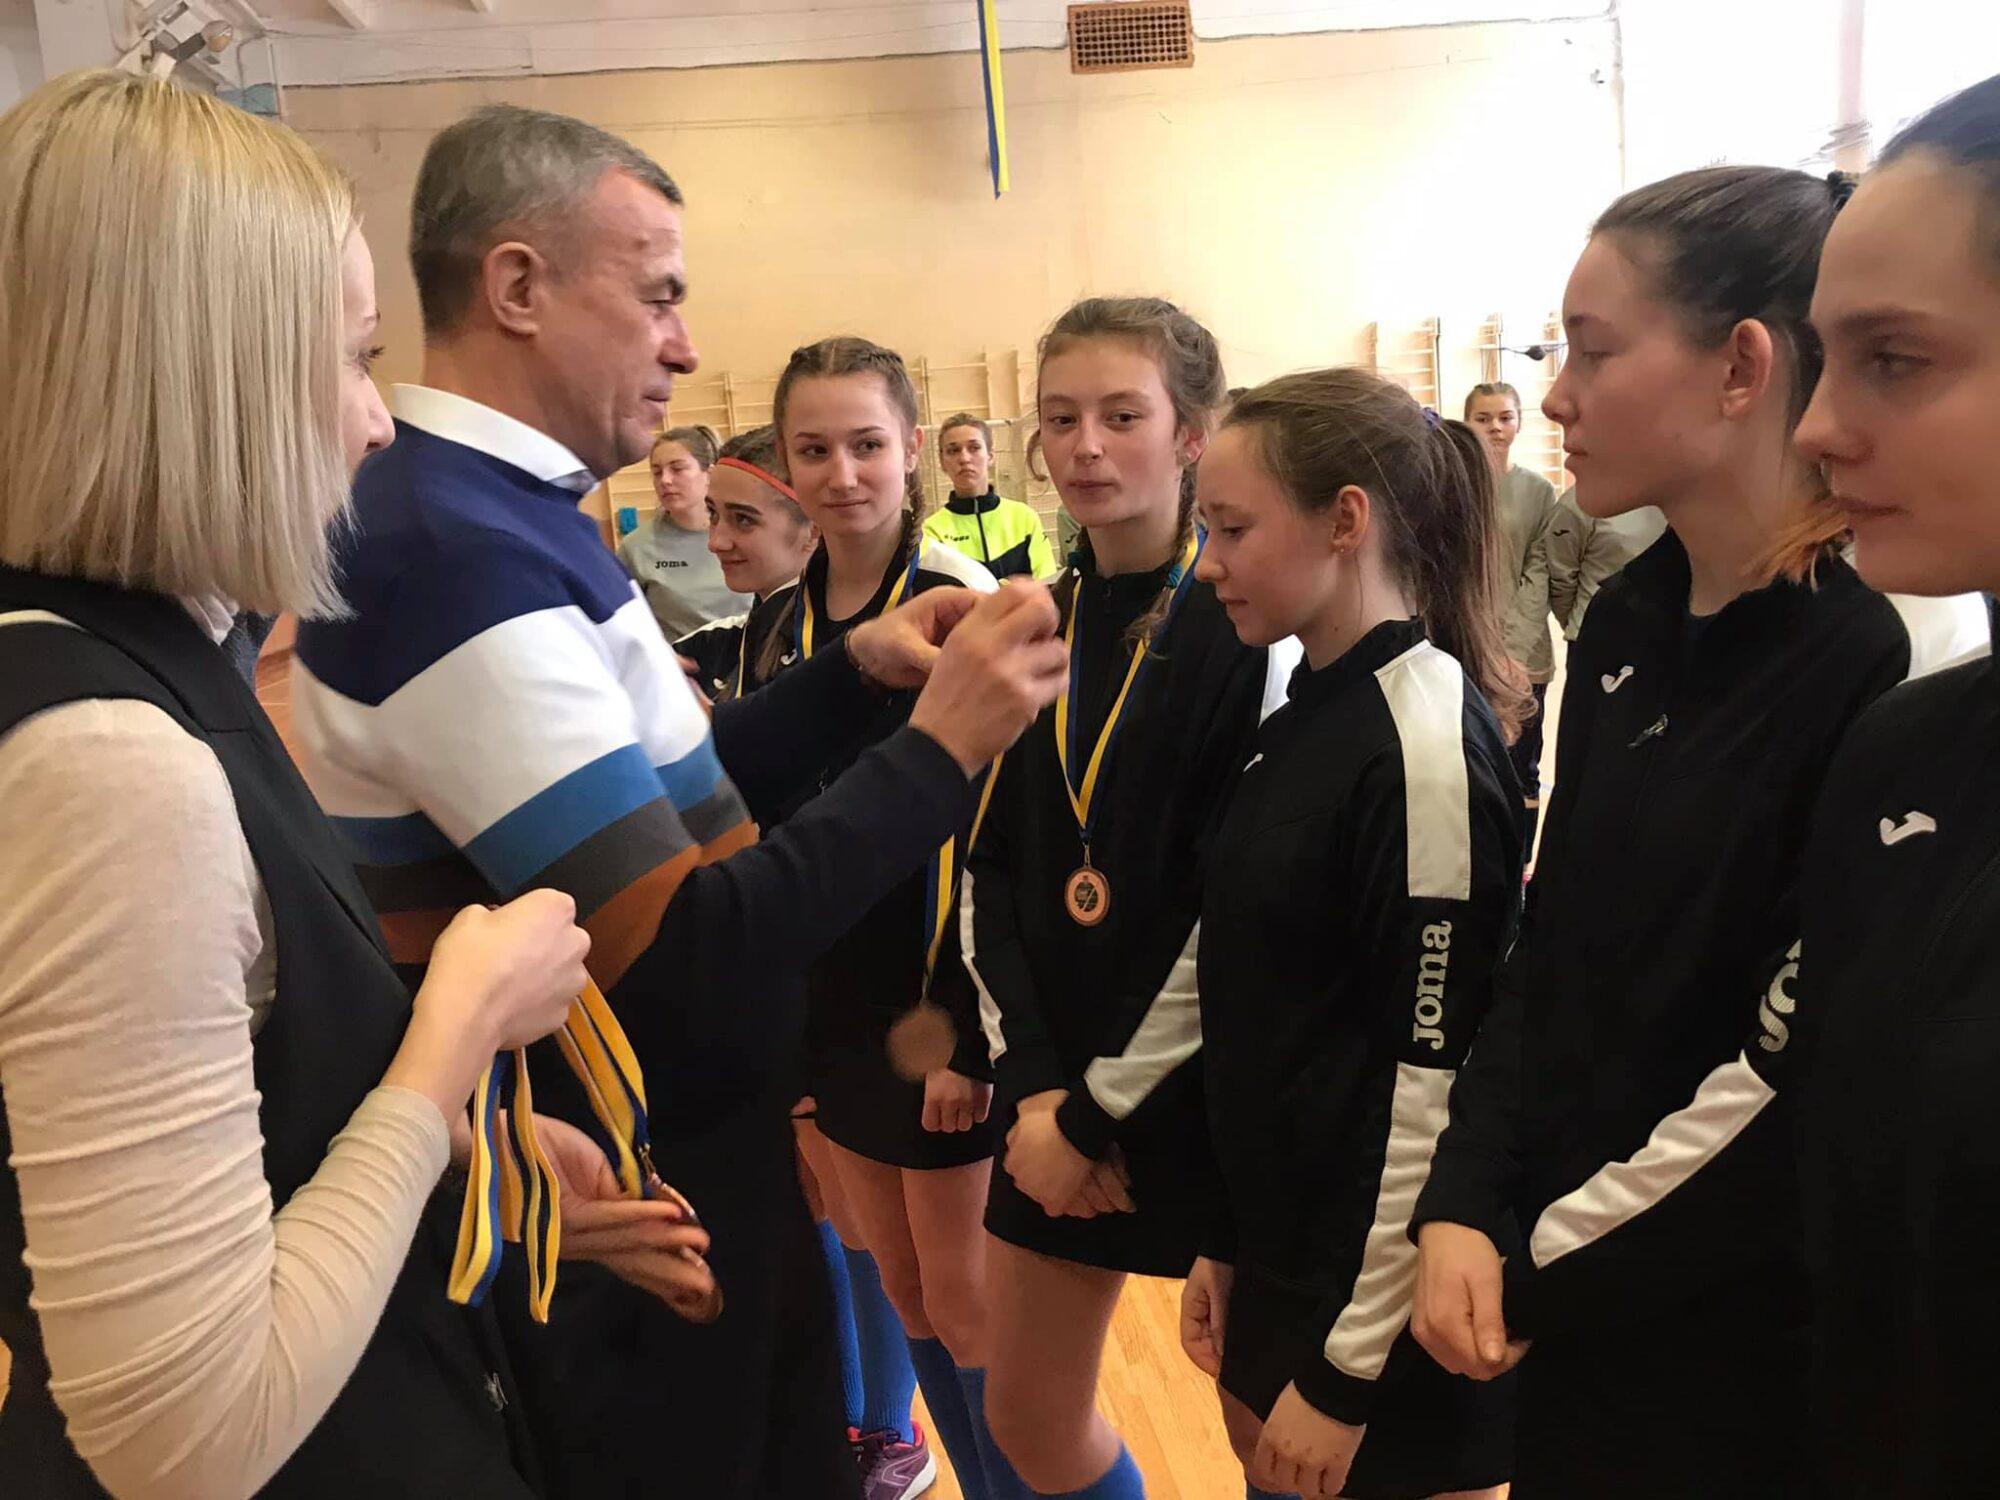 Спортсменки із Борисполя здобули бронзу на чемпіонаті України з хокею на траві - хокей - 147865465 714543755904009 744700457424984875 o 2000x1500